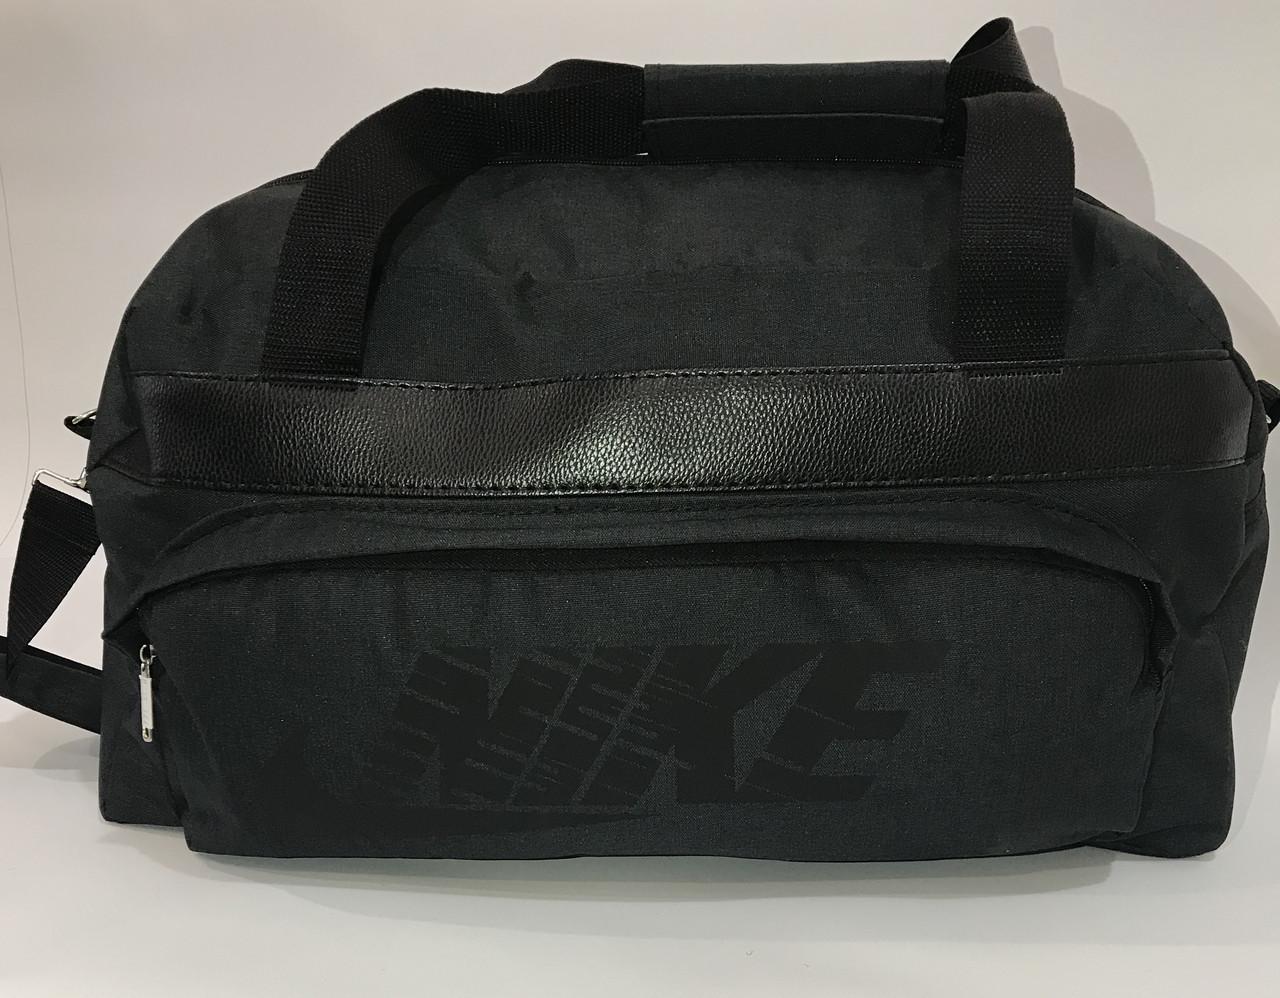 Дорожная сумка D - 15 - 144 NIKE